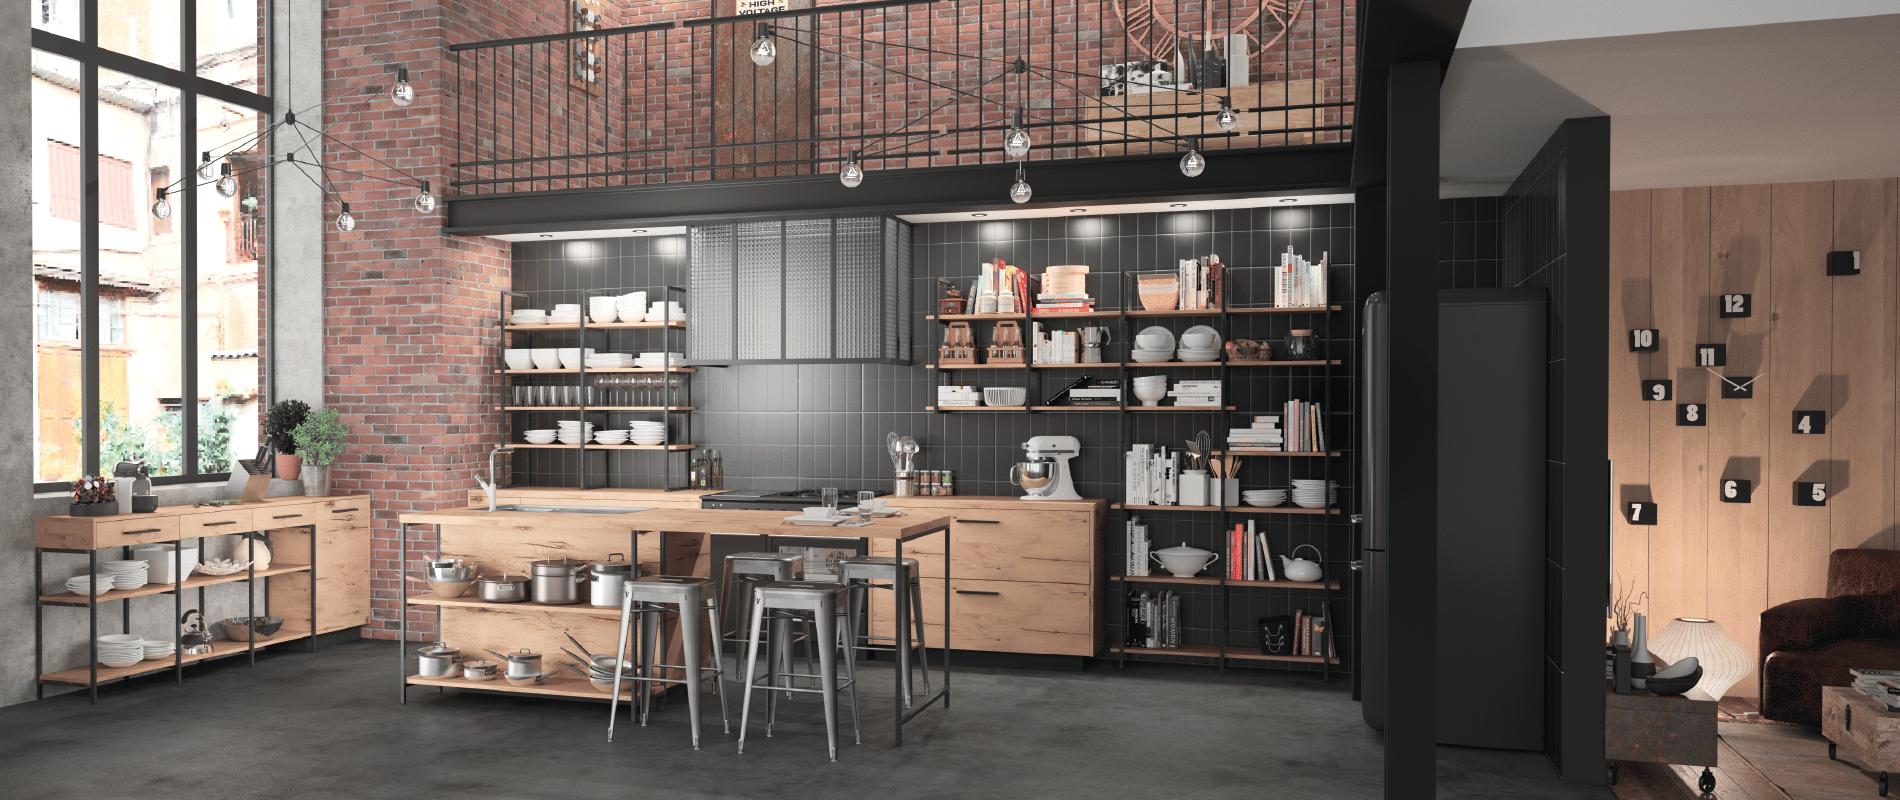 design-industriel-cuisine-metal-bois-fabricant-français